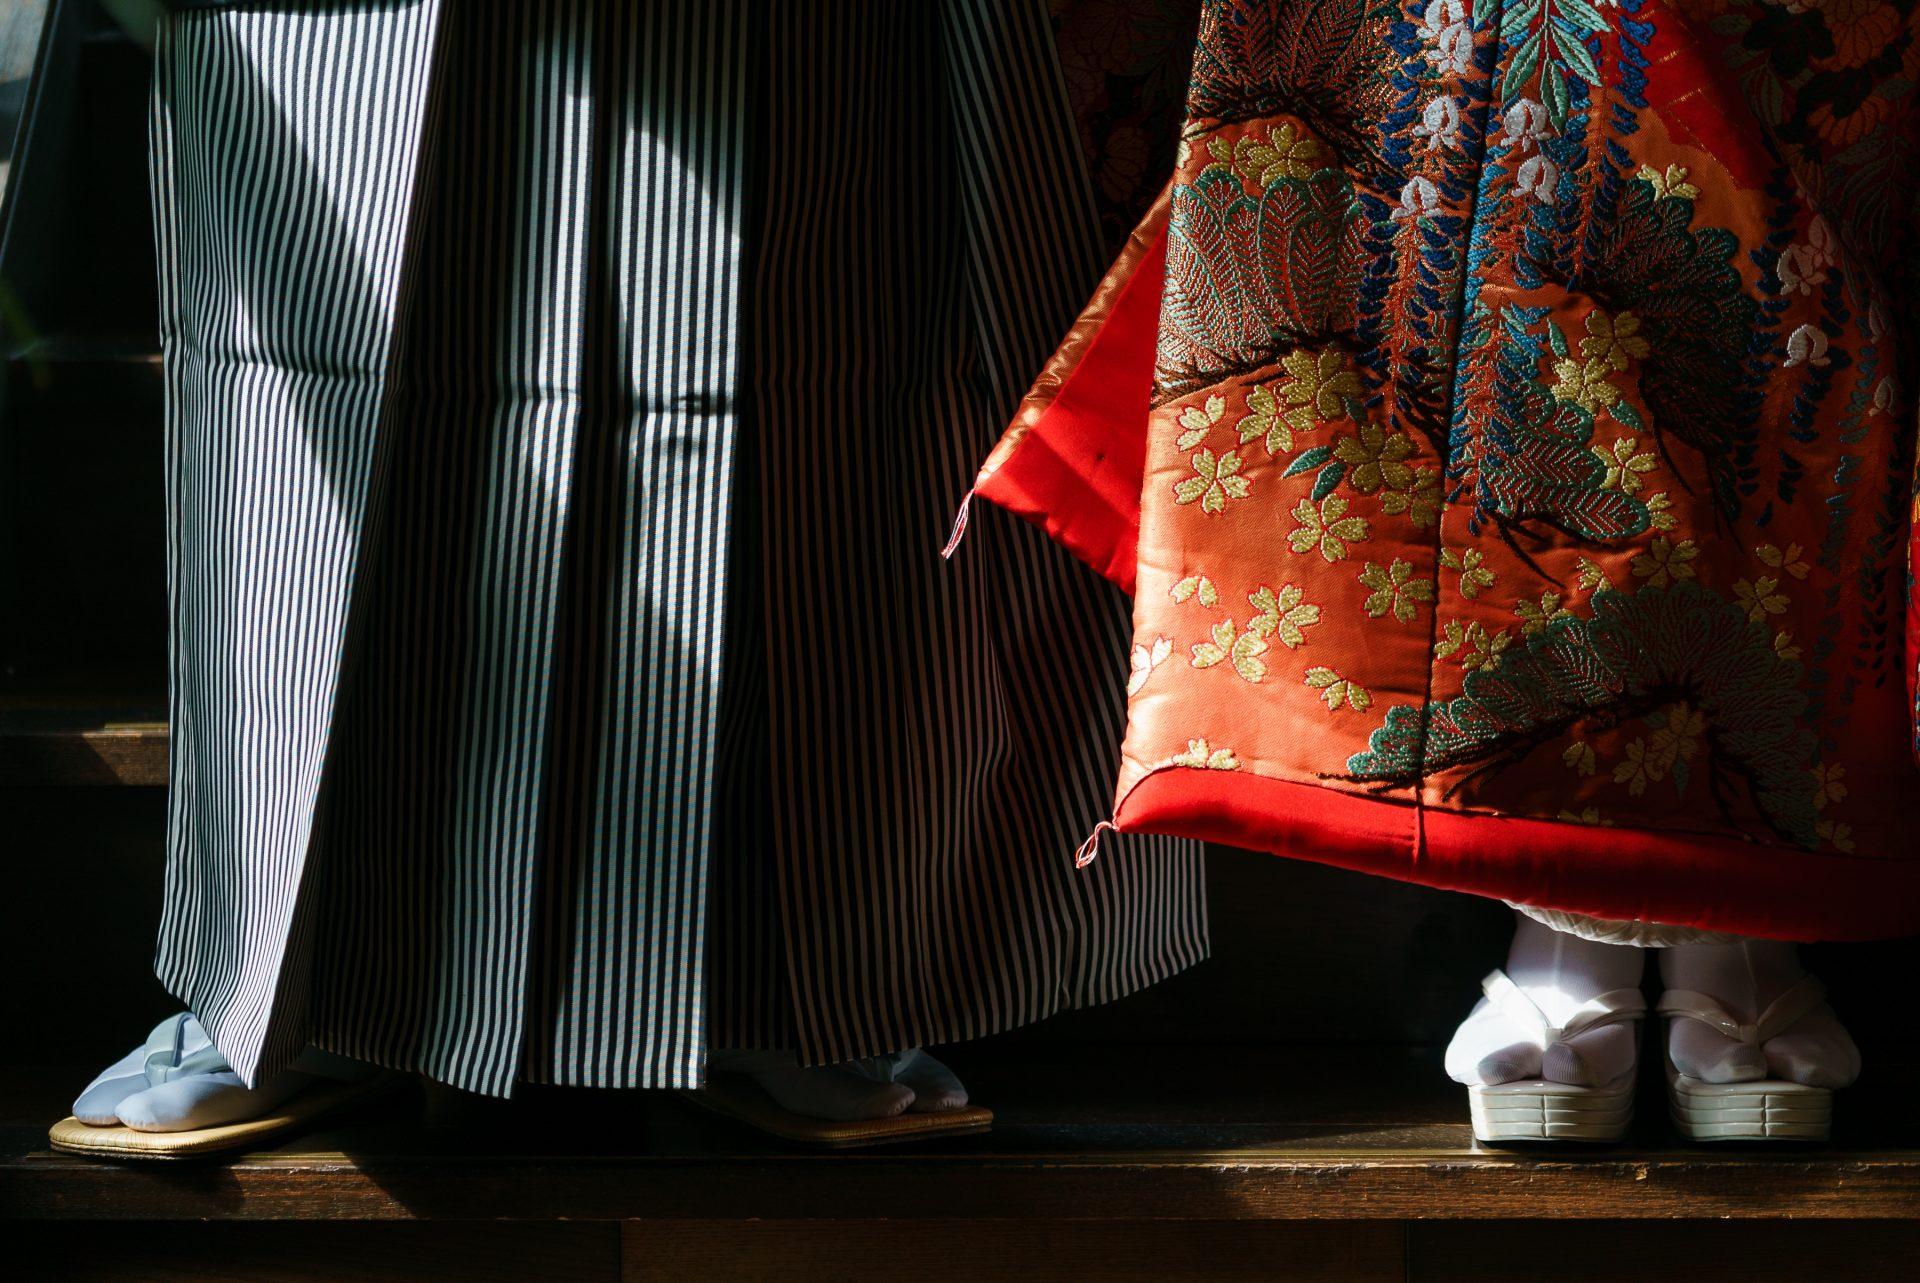 ザトリートドレッシング名古屋店がTHE KAWABUN NAGOYAでのお色直しにおすすめの赤の色打掛